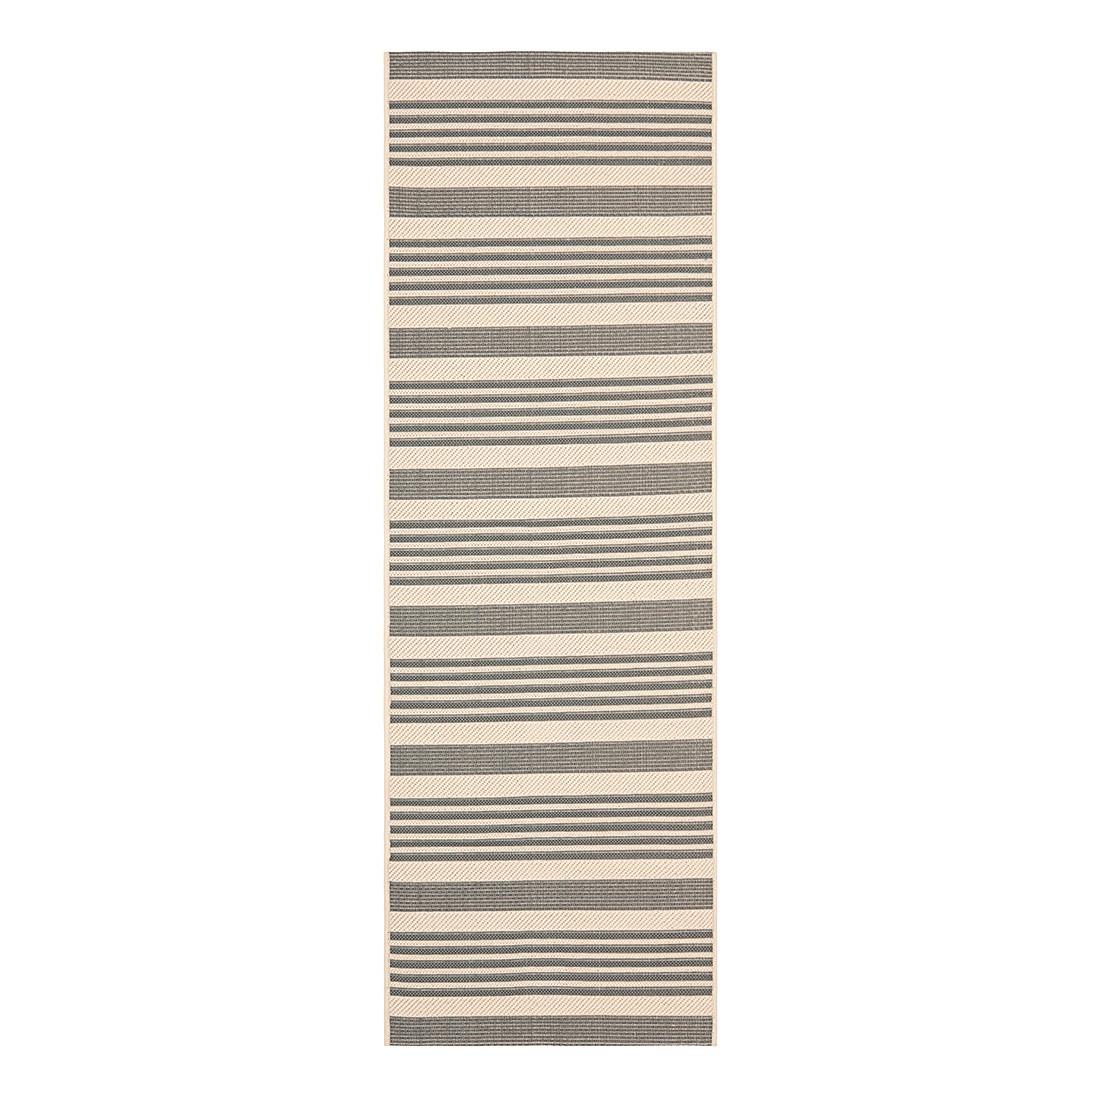 In-/Outdoorteppich Gemma – Grau/Beige – Maße: 68 x 243 cm, Safavieh online kaufen